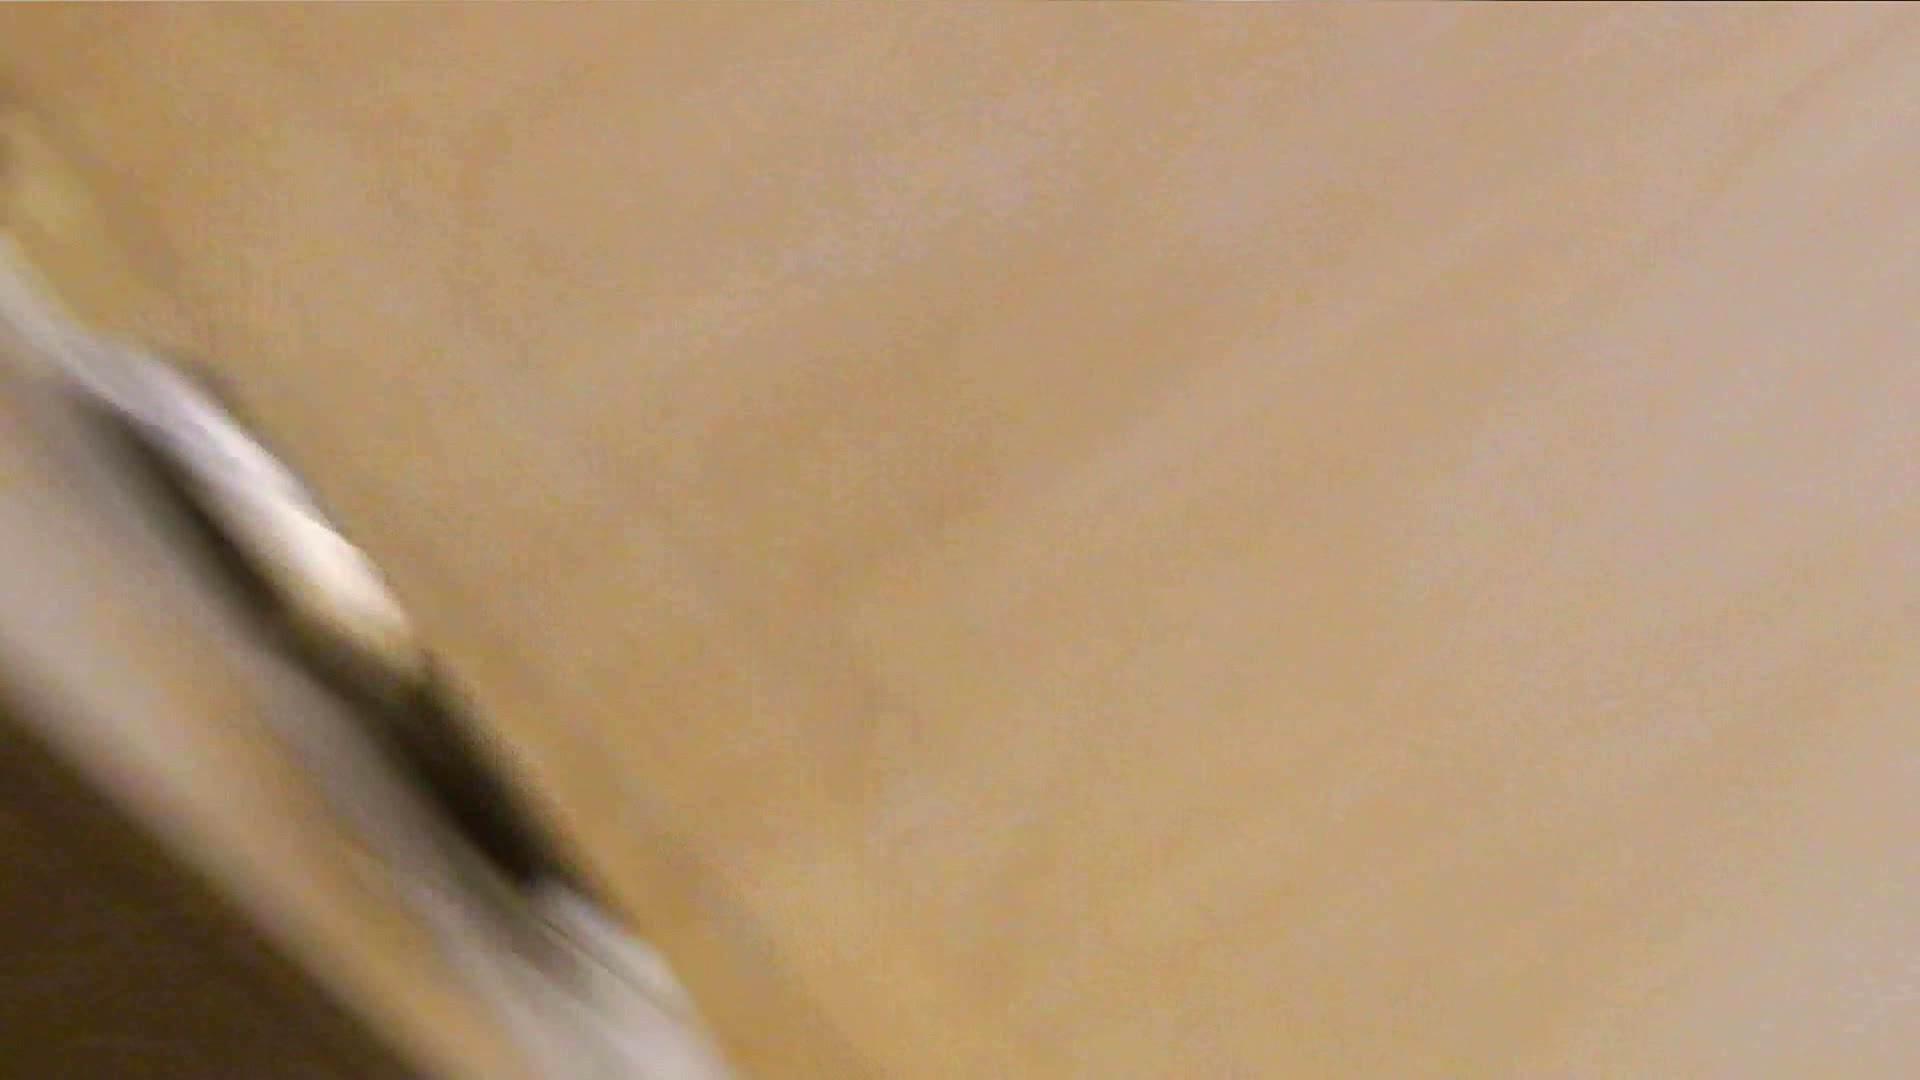 阿国ちゃんの「和式洋式七変化」No.3 洗面所のぞき スケベ動画紹介 106枚 17